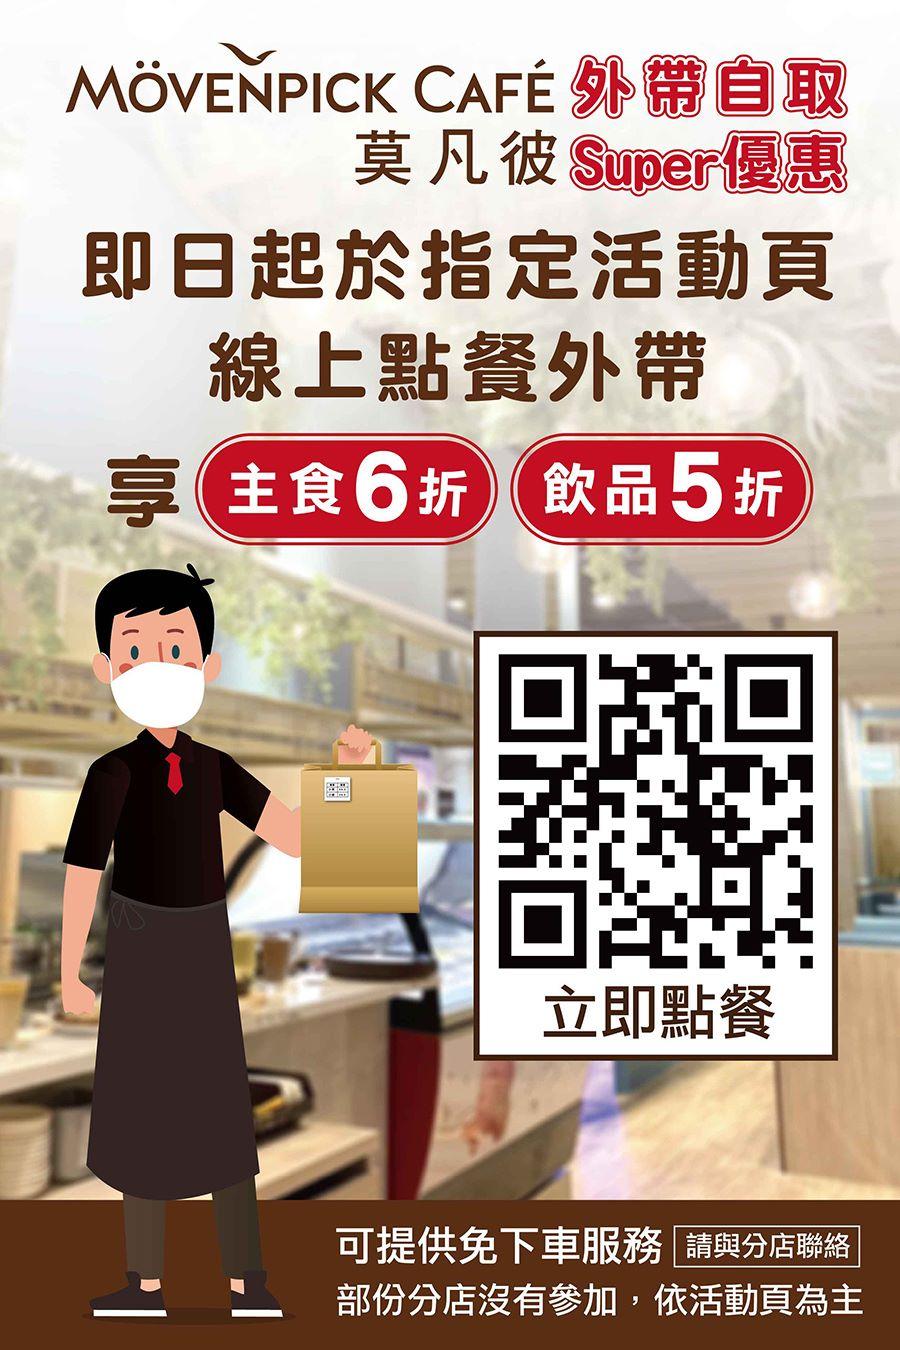 台北外帶美食 優惠餐廳總整理 防疫期間外帶優惠總整理! 連鎖品牌外帶優惠懶人包 49